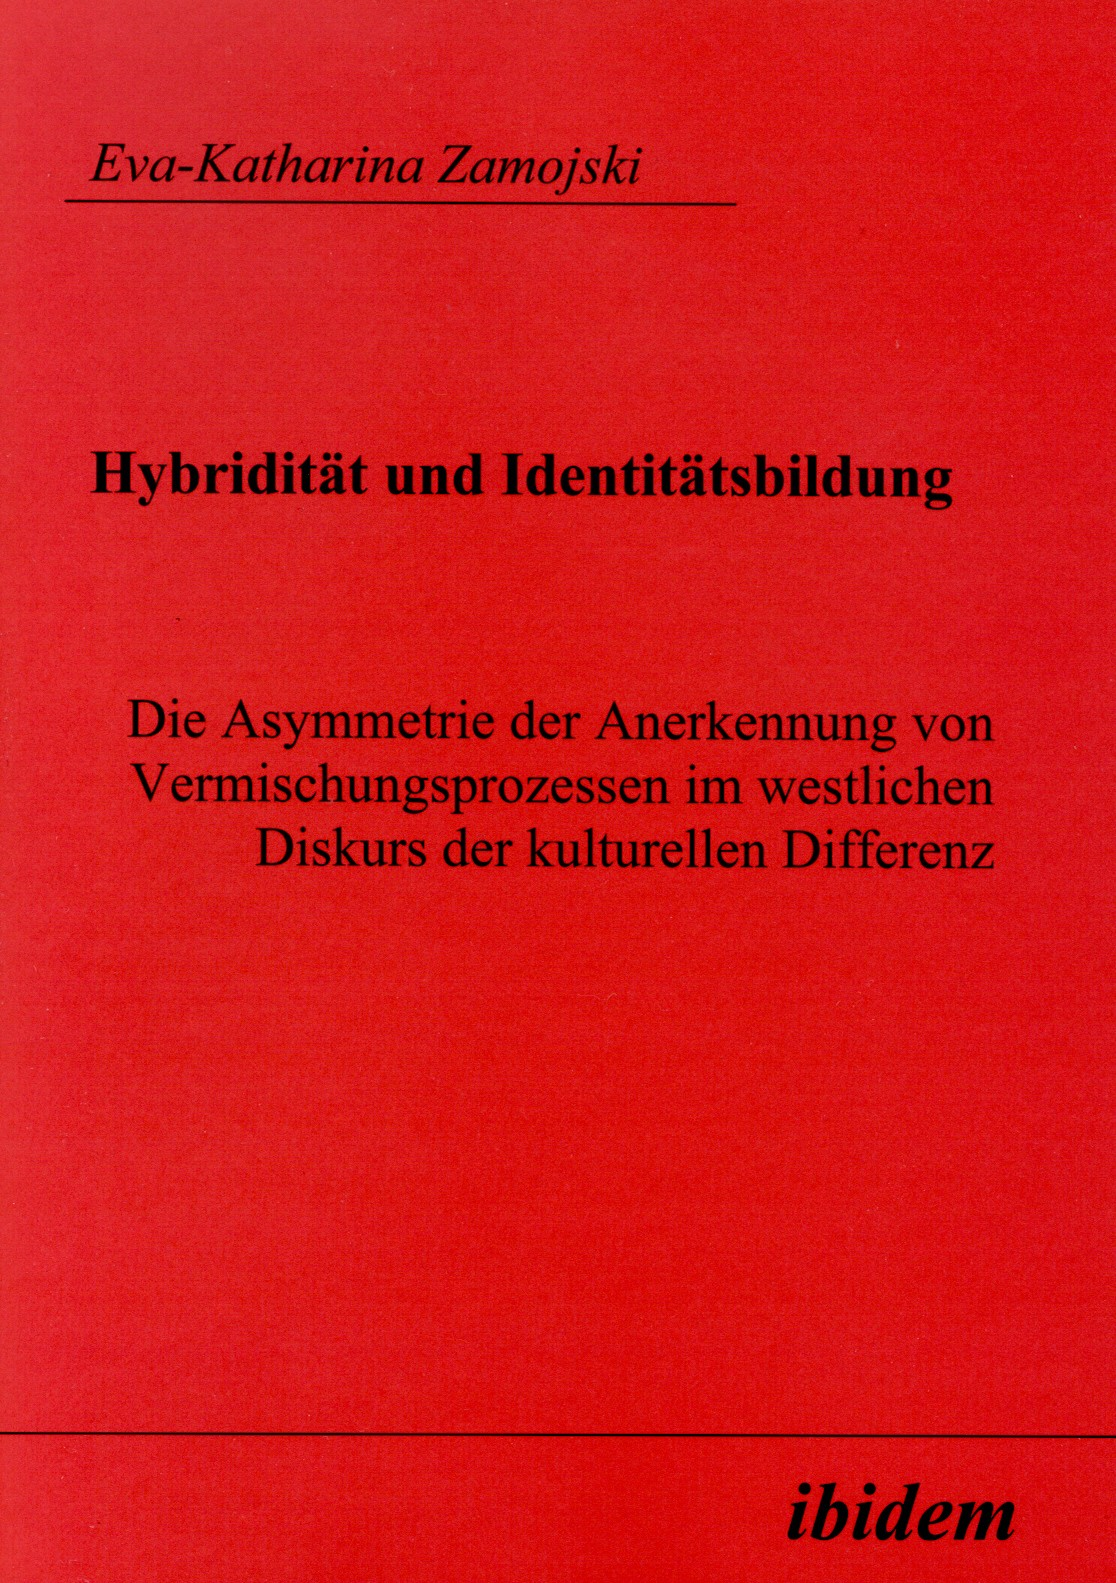 Hybridität und Identitätsbildung